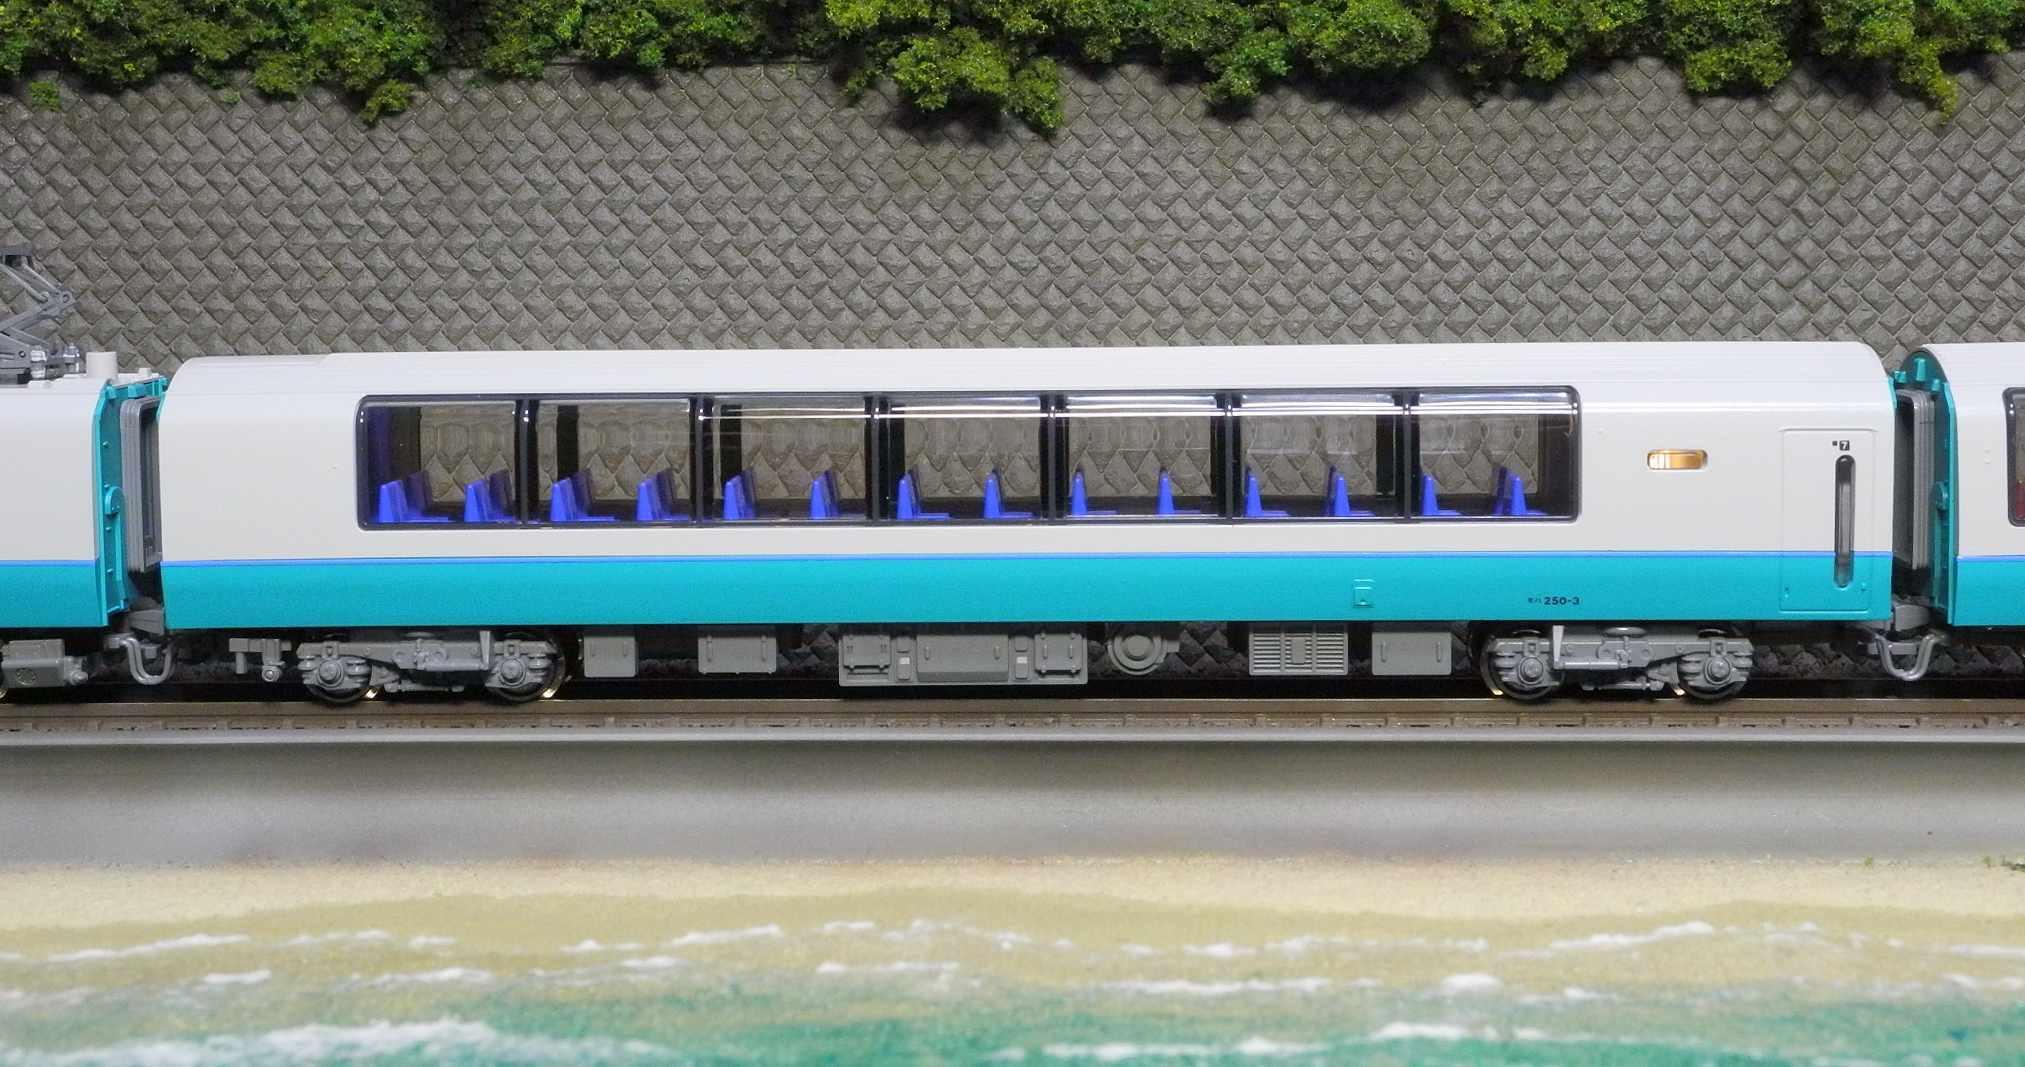 DSCN9854-1.jpg